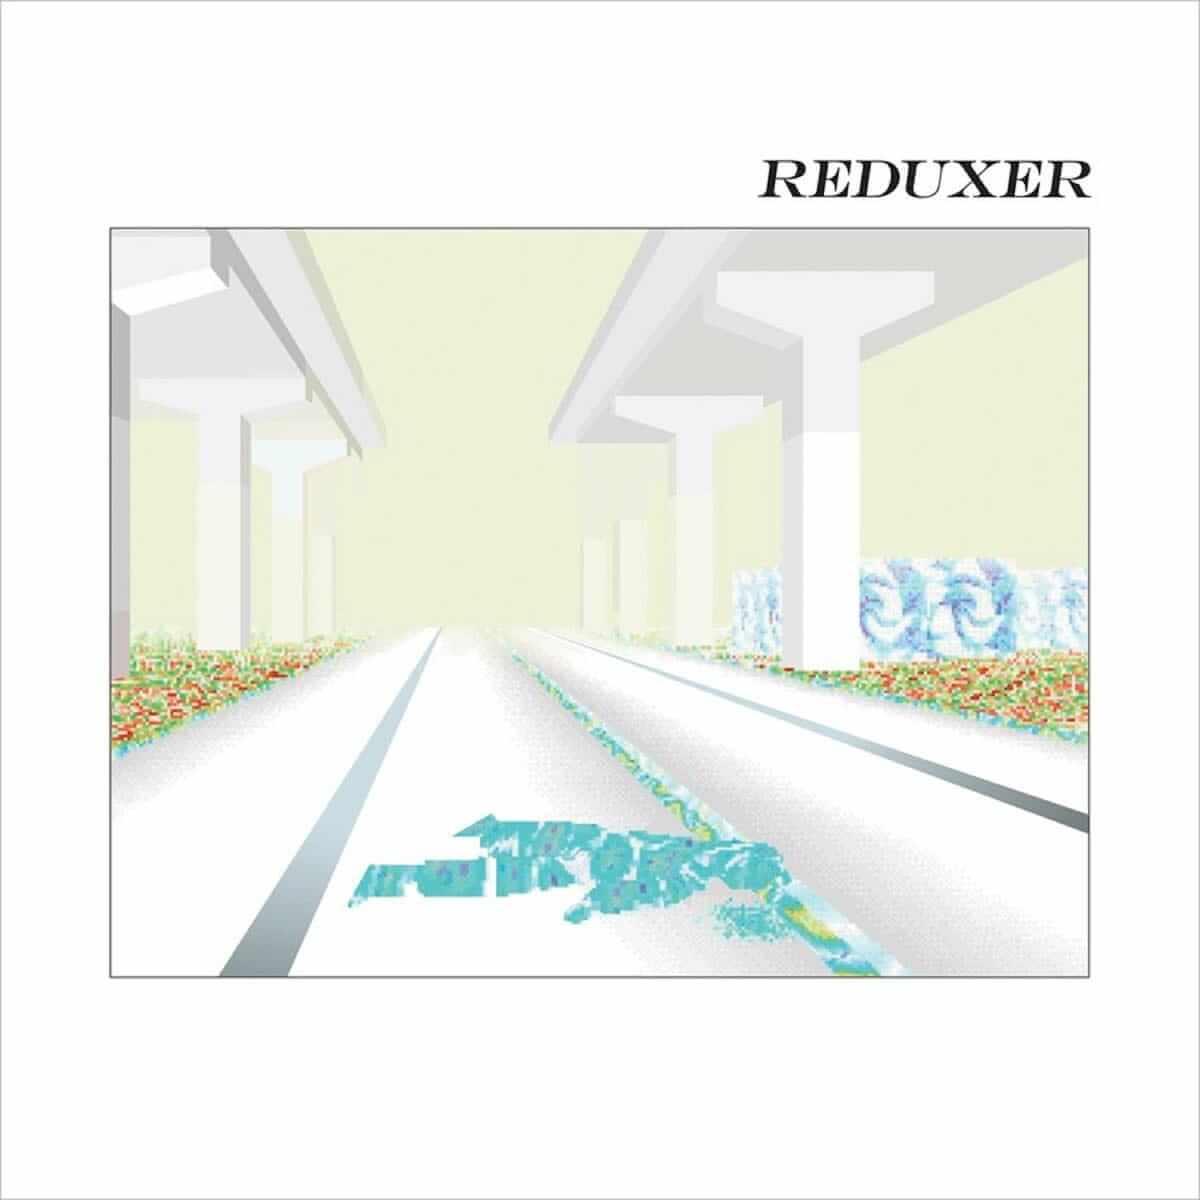 アルト・ジェイ、豪華ゲストが参加したリワークアルバム『Reduxer』リリース決定! music180718_altj_2-1200x1200